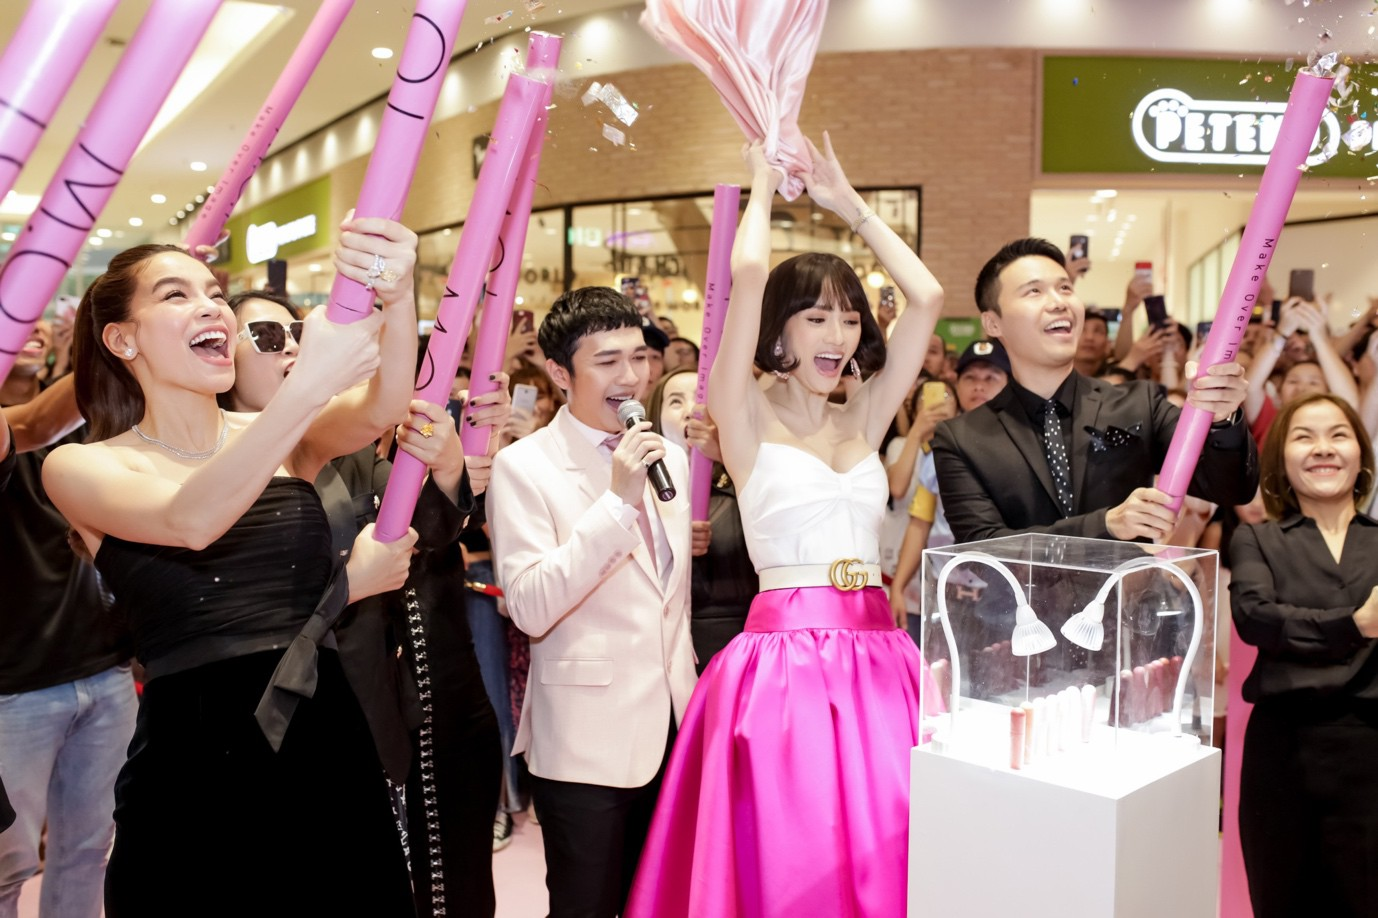 Son của Hương Giang có gì xuất sắc mà chinh phục luôn cả Hoa hậu Hàn Quốc? - Ảnh 12.